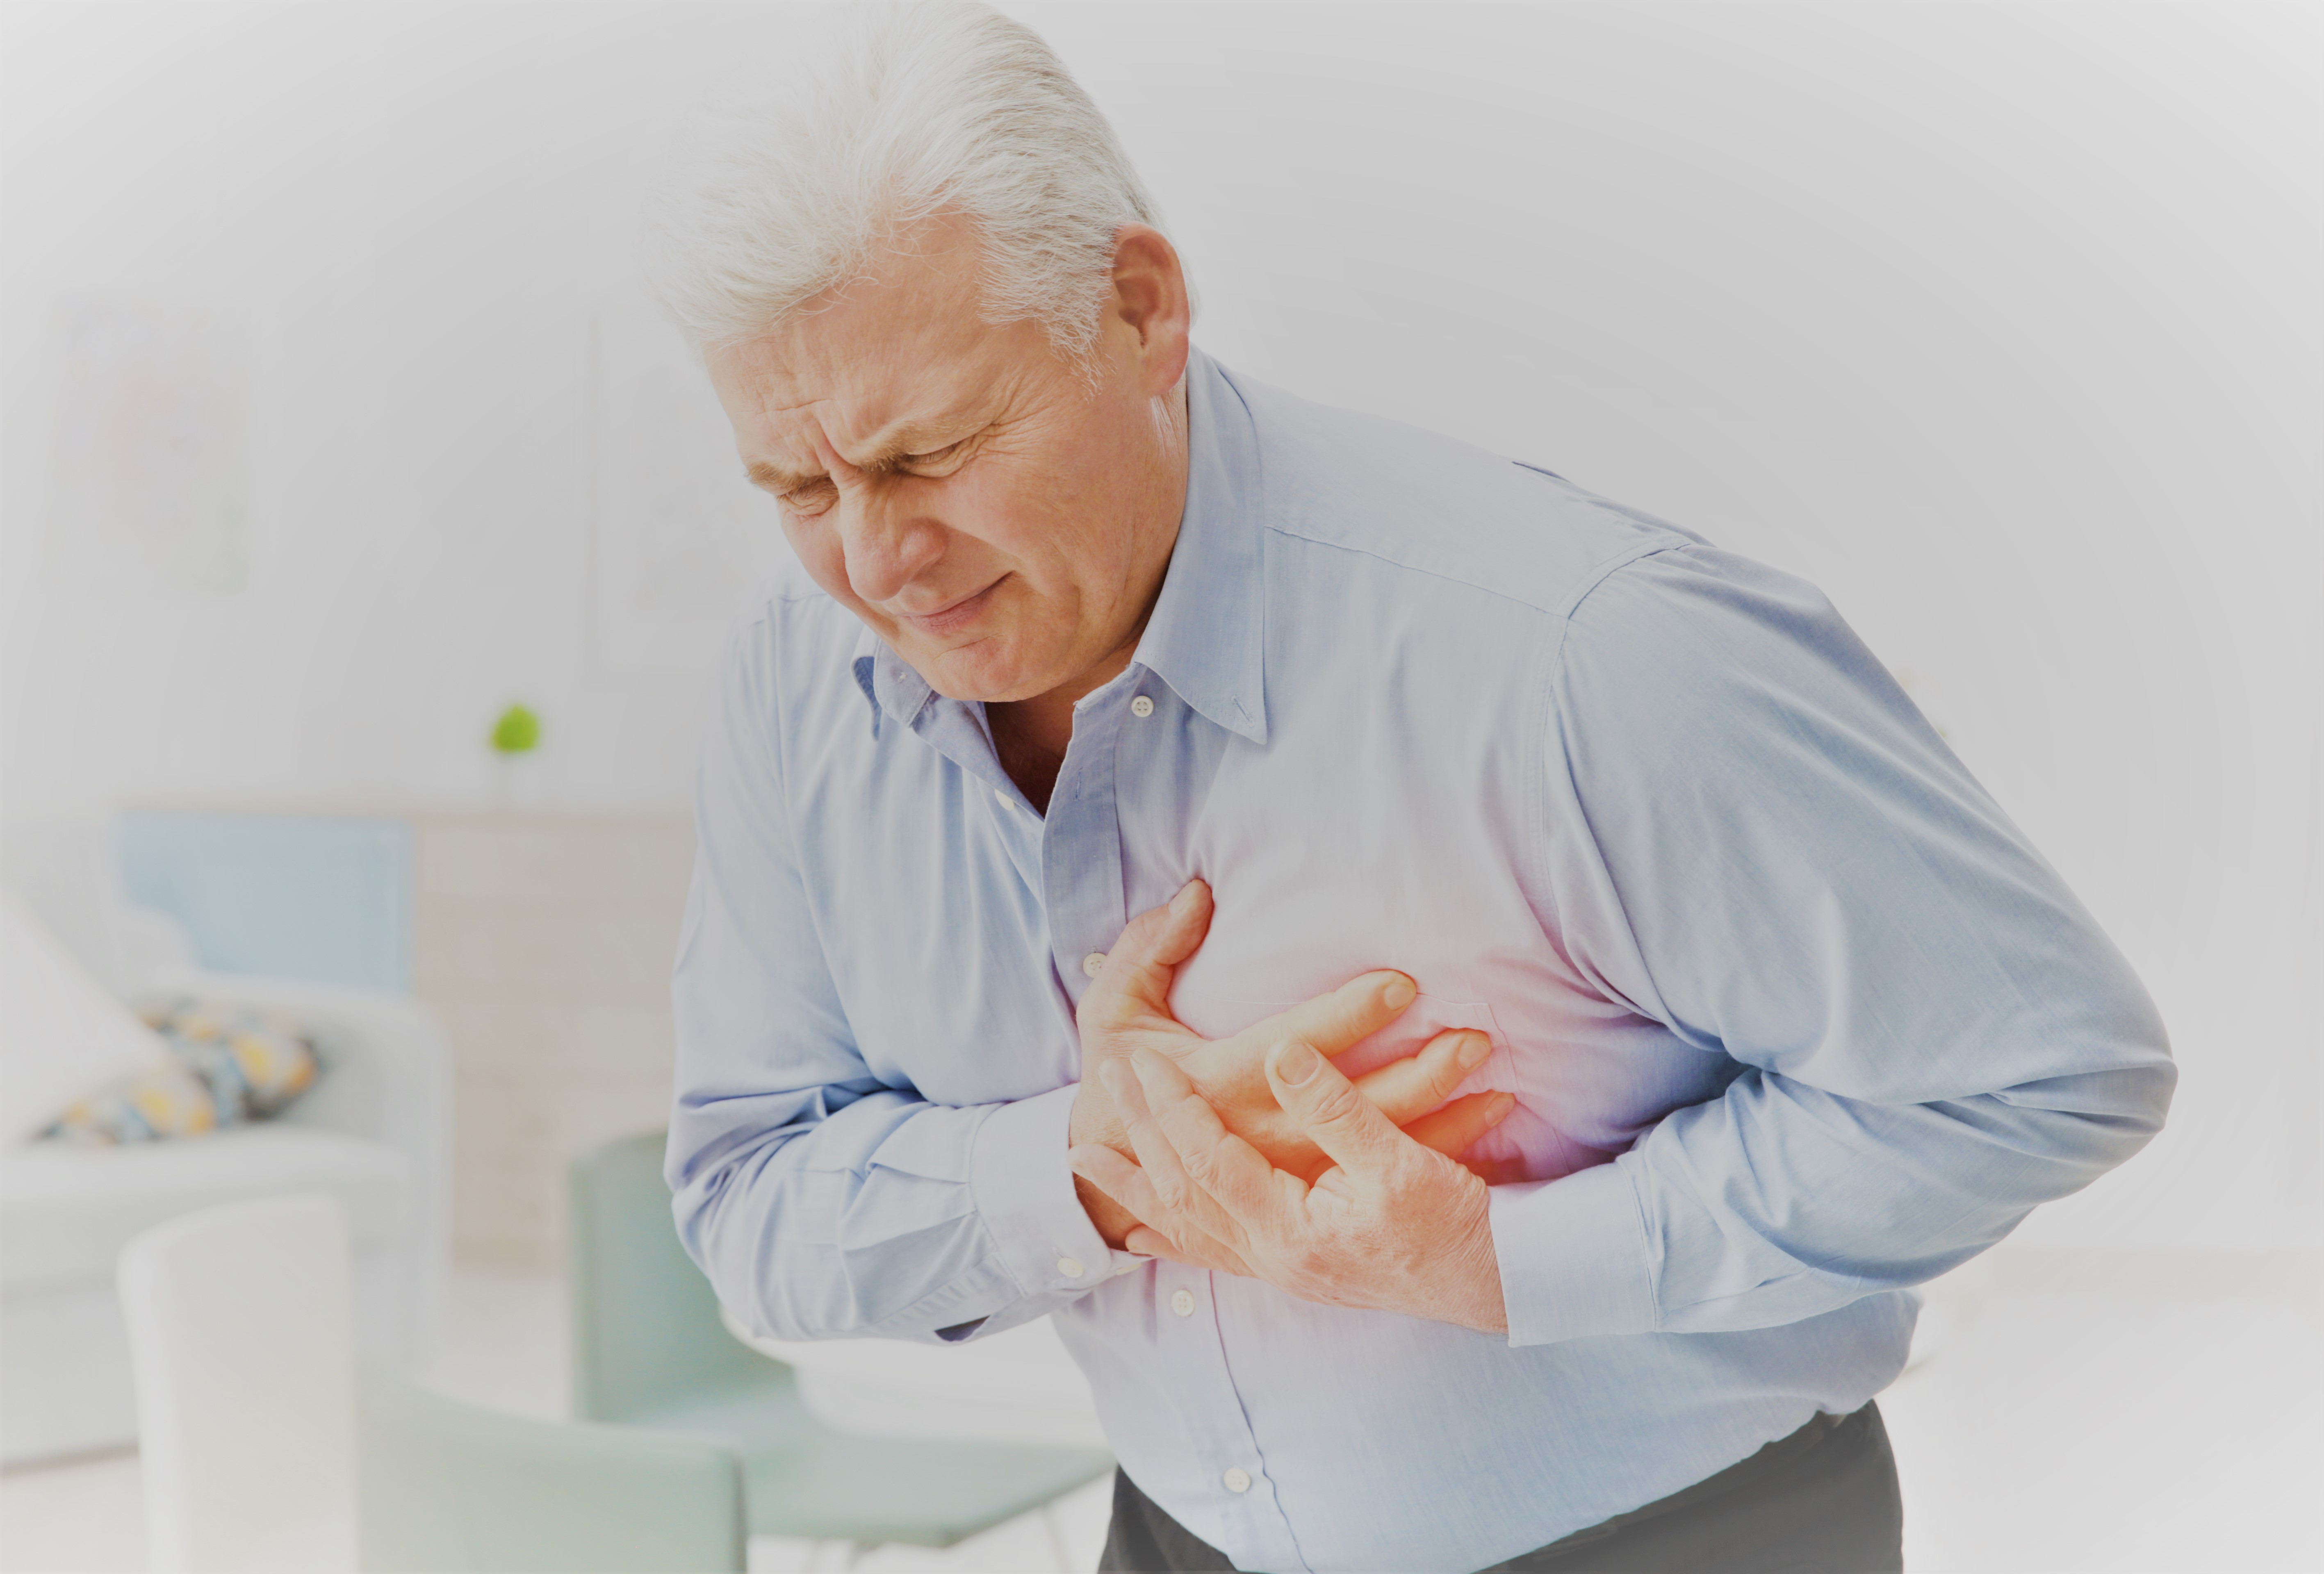 méhnyakcsigolyás artrózis kezelés oka ízületi fájdalom kérdőív